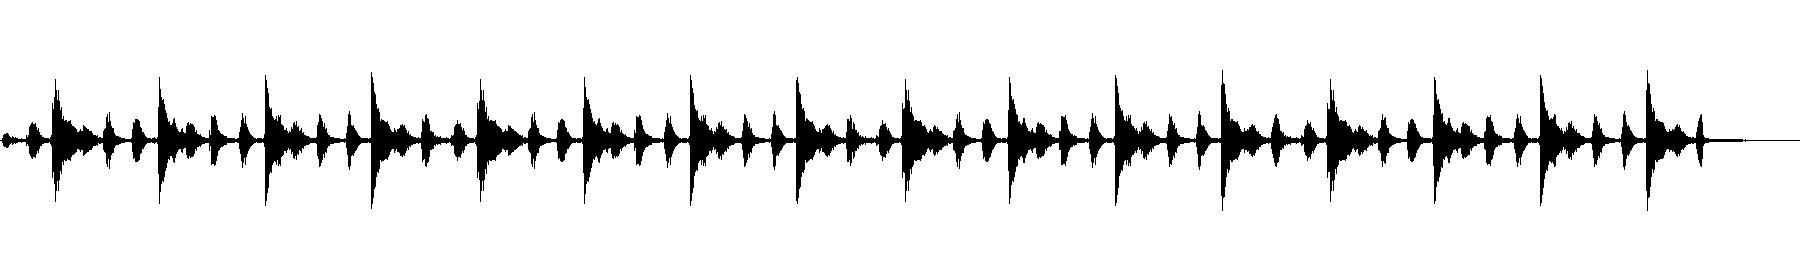 tambourine 100 bpm